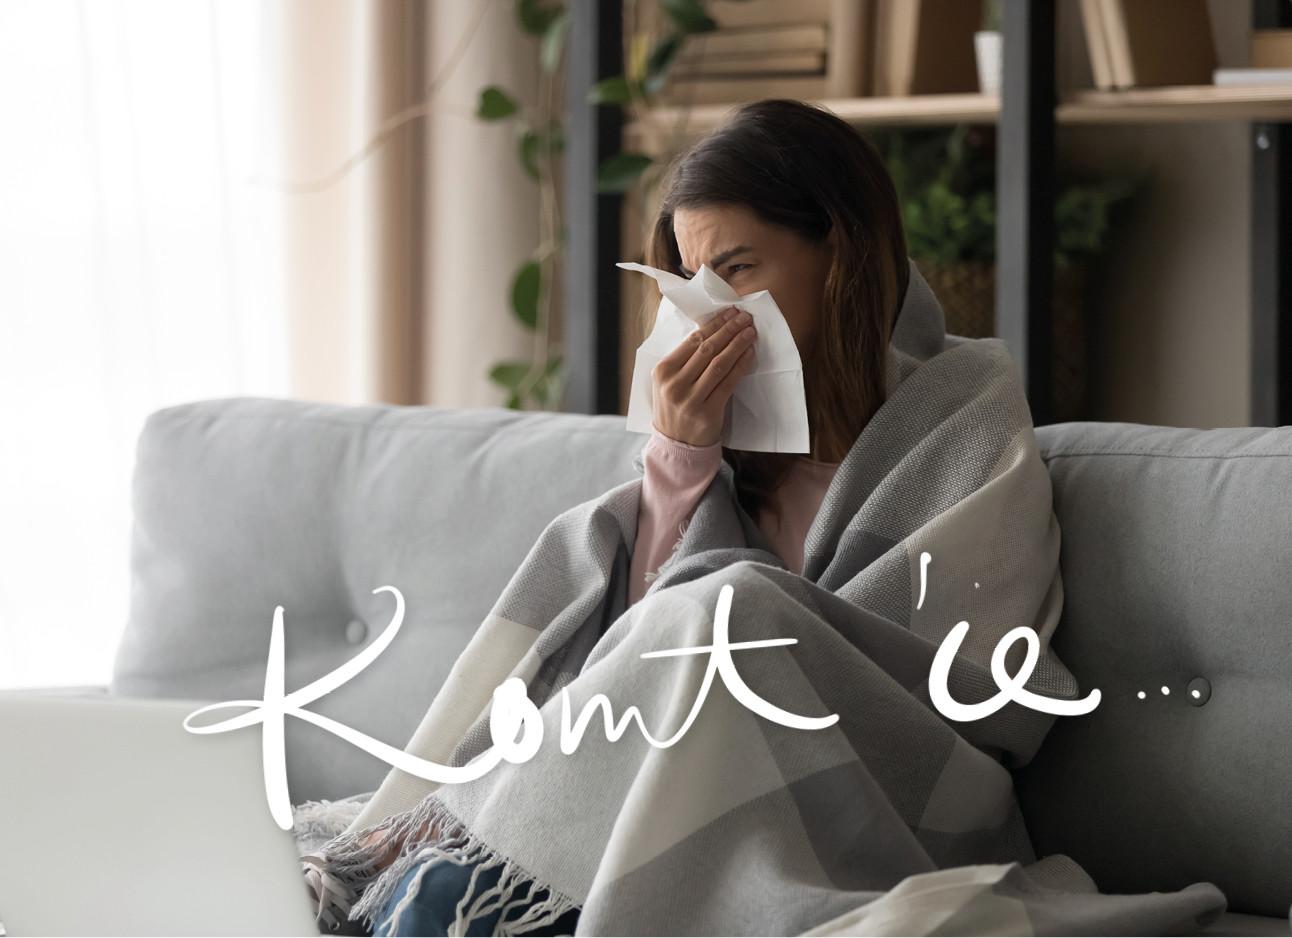 vrouw ziek op de bank aan het snuiten in een servet met een deken over haar heen